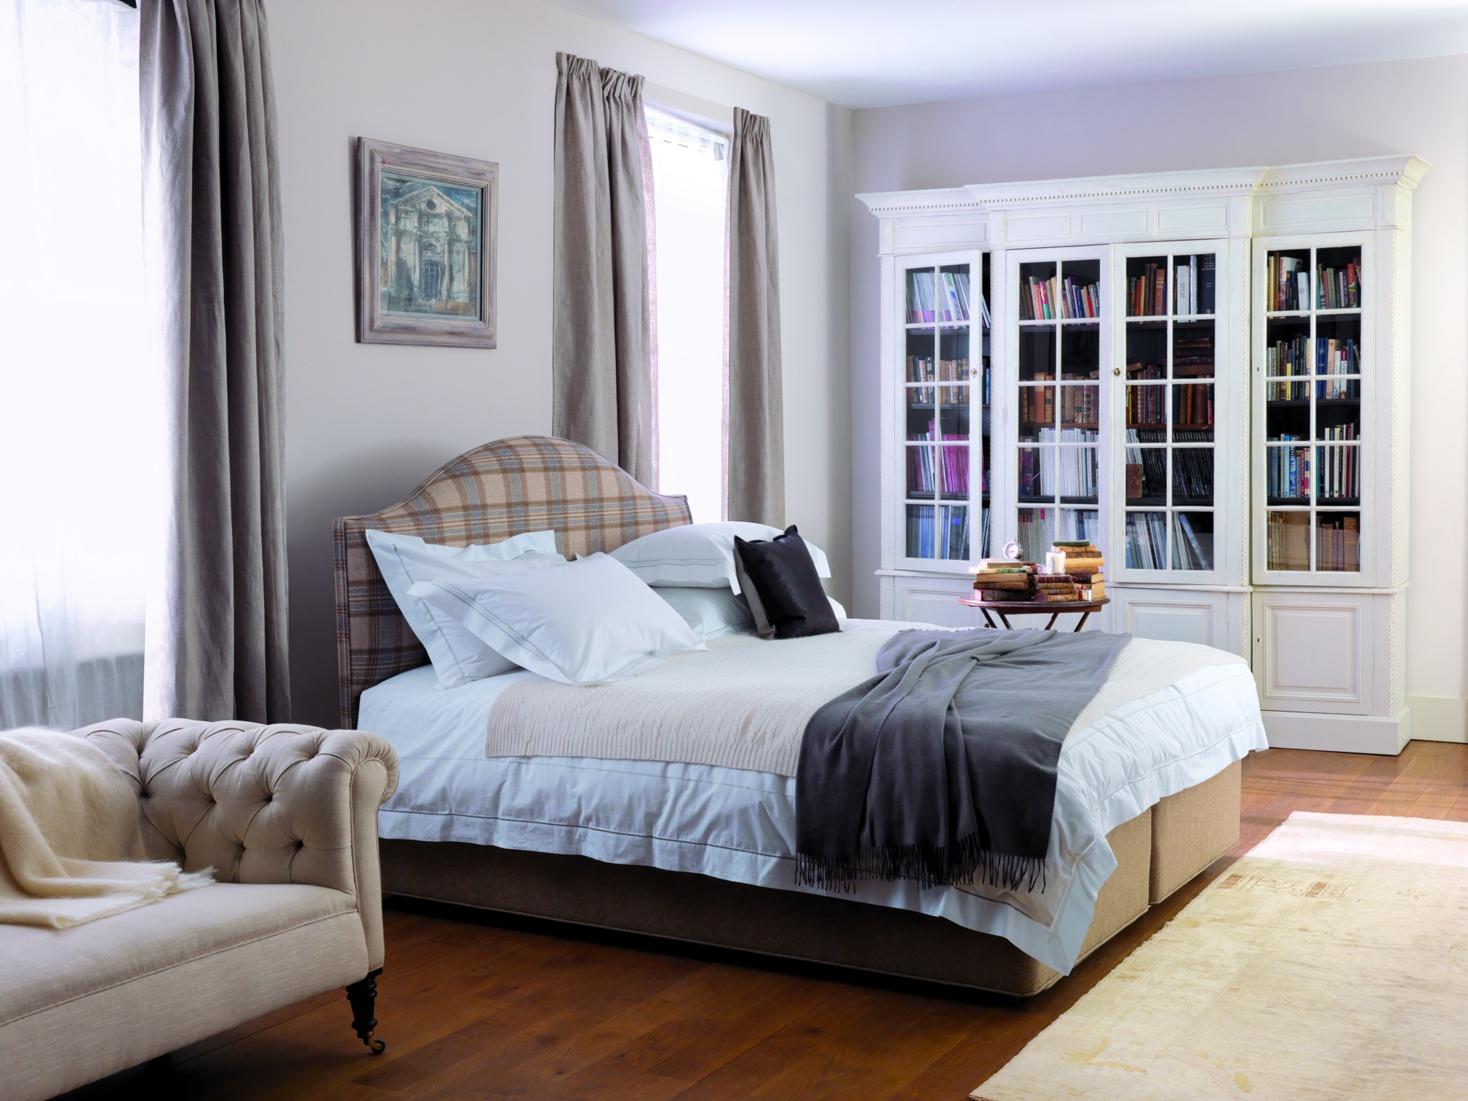 Beds vispring 5 39 0 39 39 shetland divan set for Divan set beds